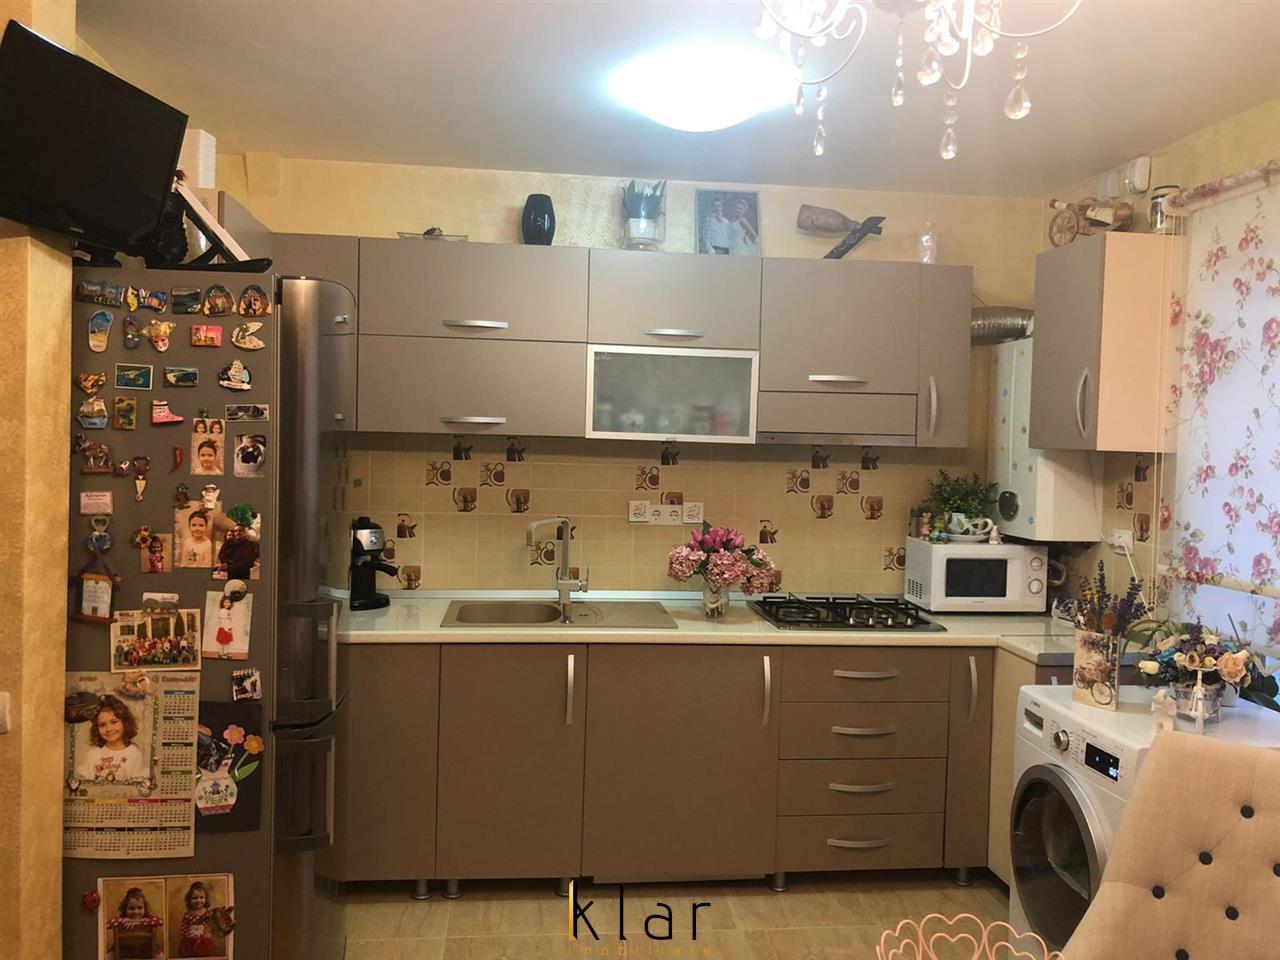 EXCLUSIVITATE! Apartament 3 camere,LUX, zona Cetatii, parcare!